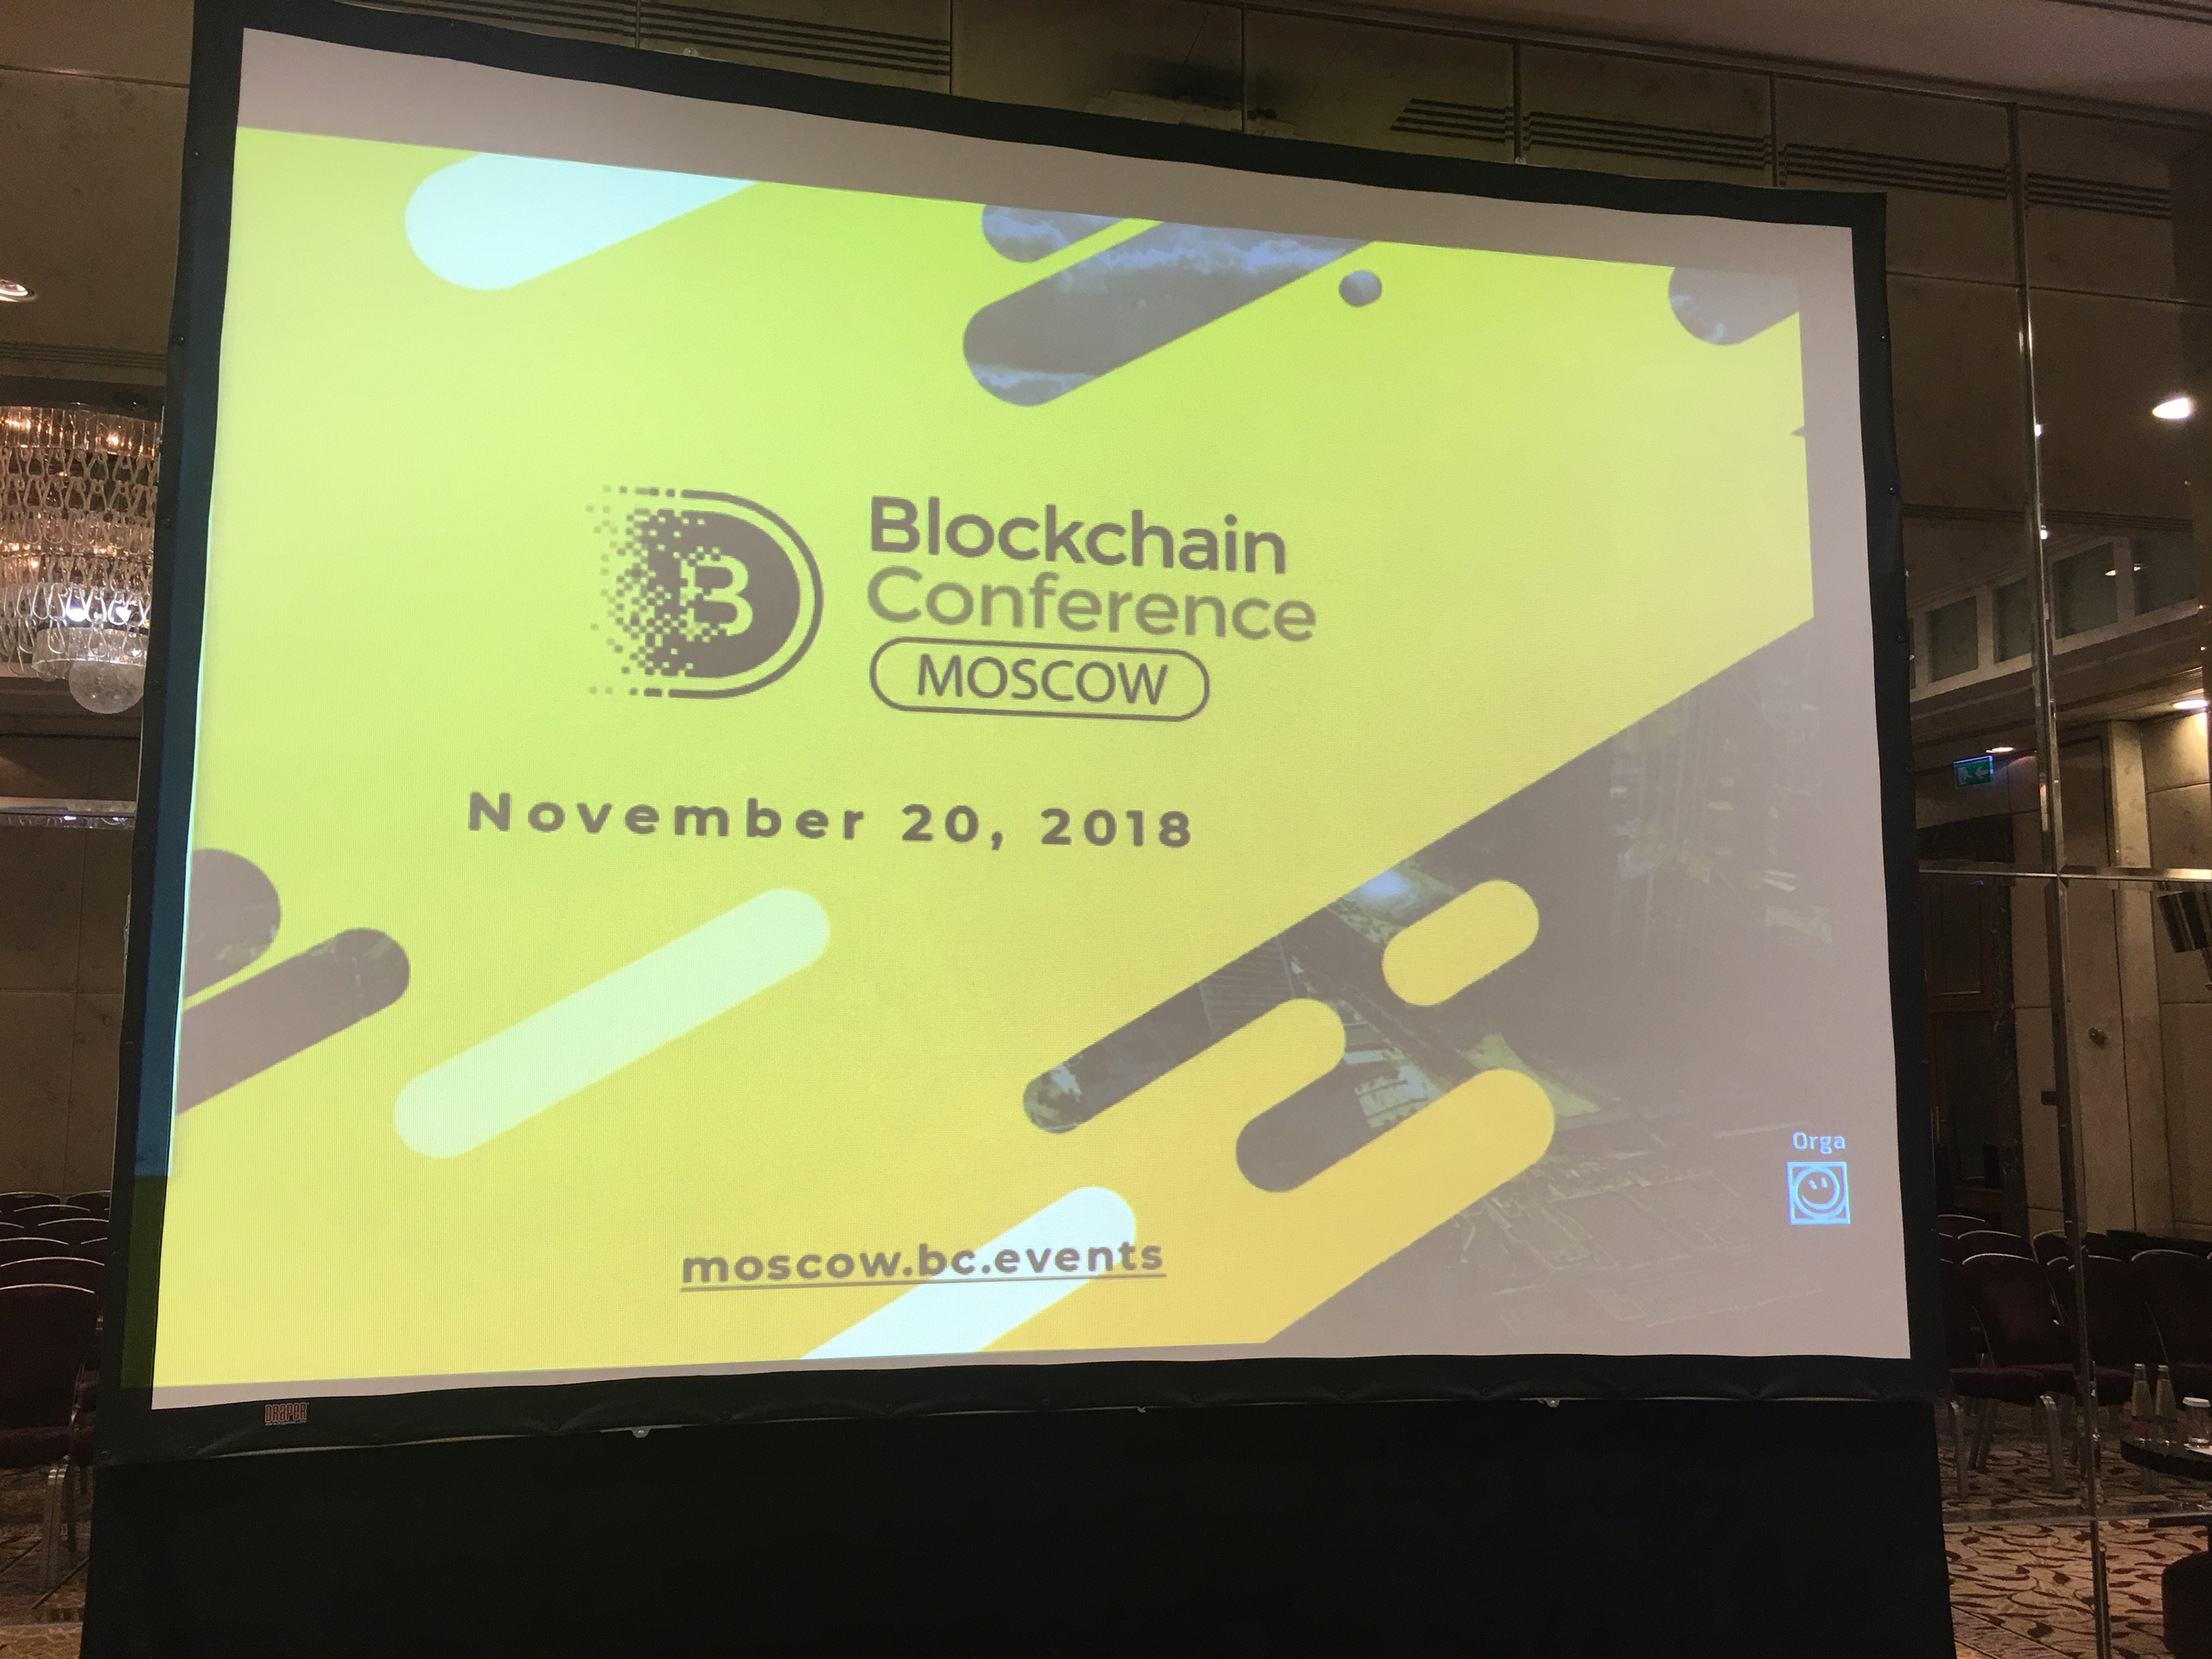 Эксперт в криптоиндустрии рассказал, что ждет блокчейн через 10 лет